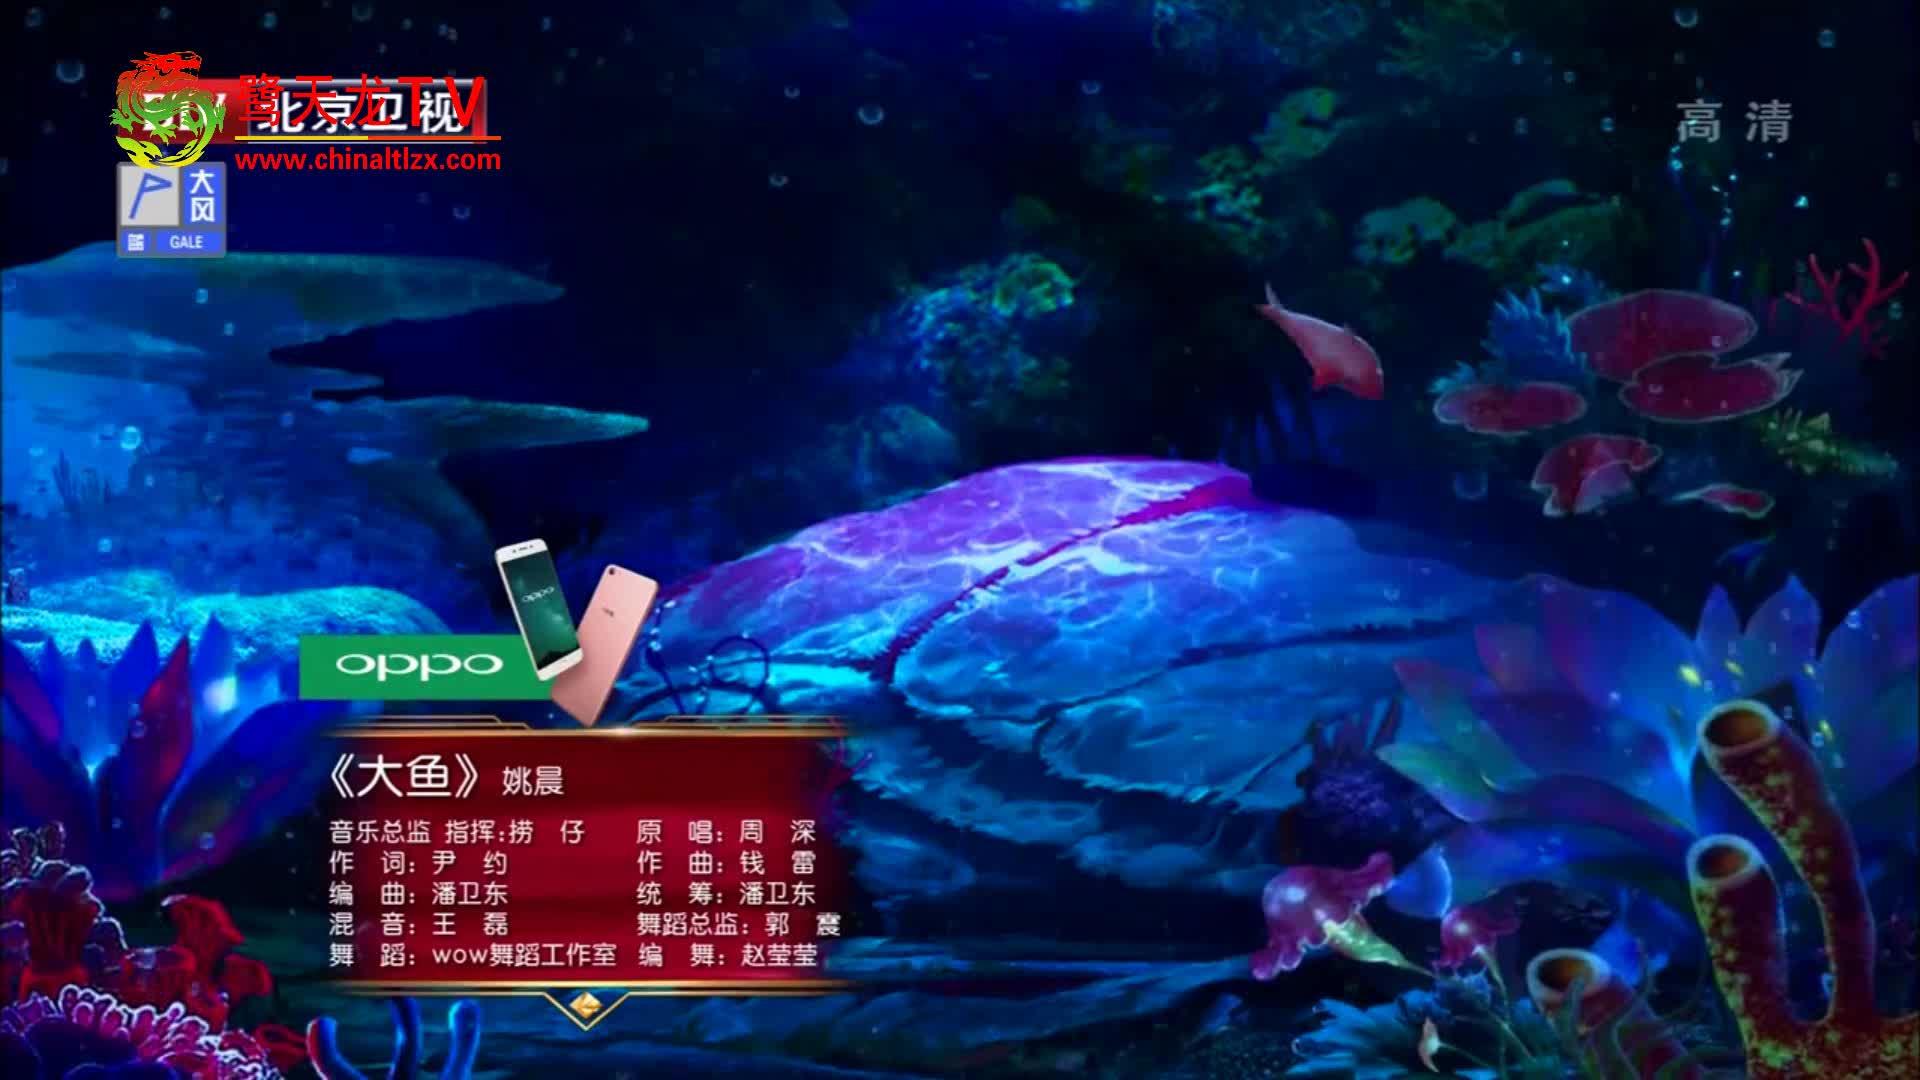 跨界歌王: 姚晨《大鱼》十里桃花飘零让时间都静止